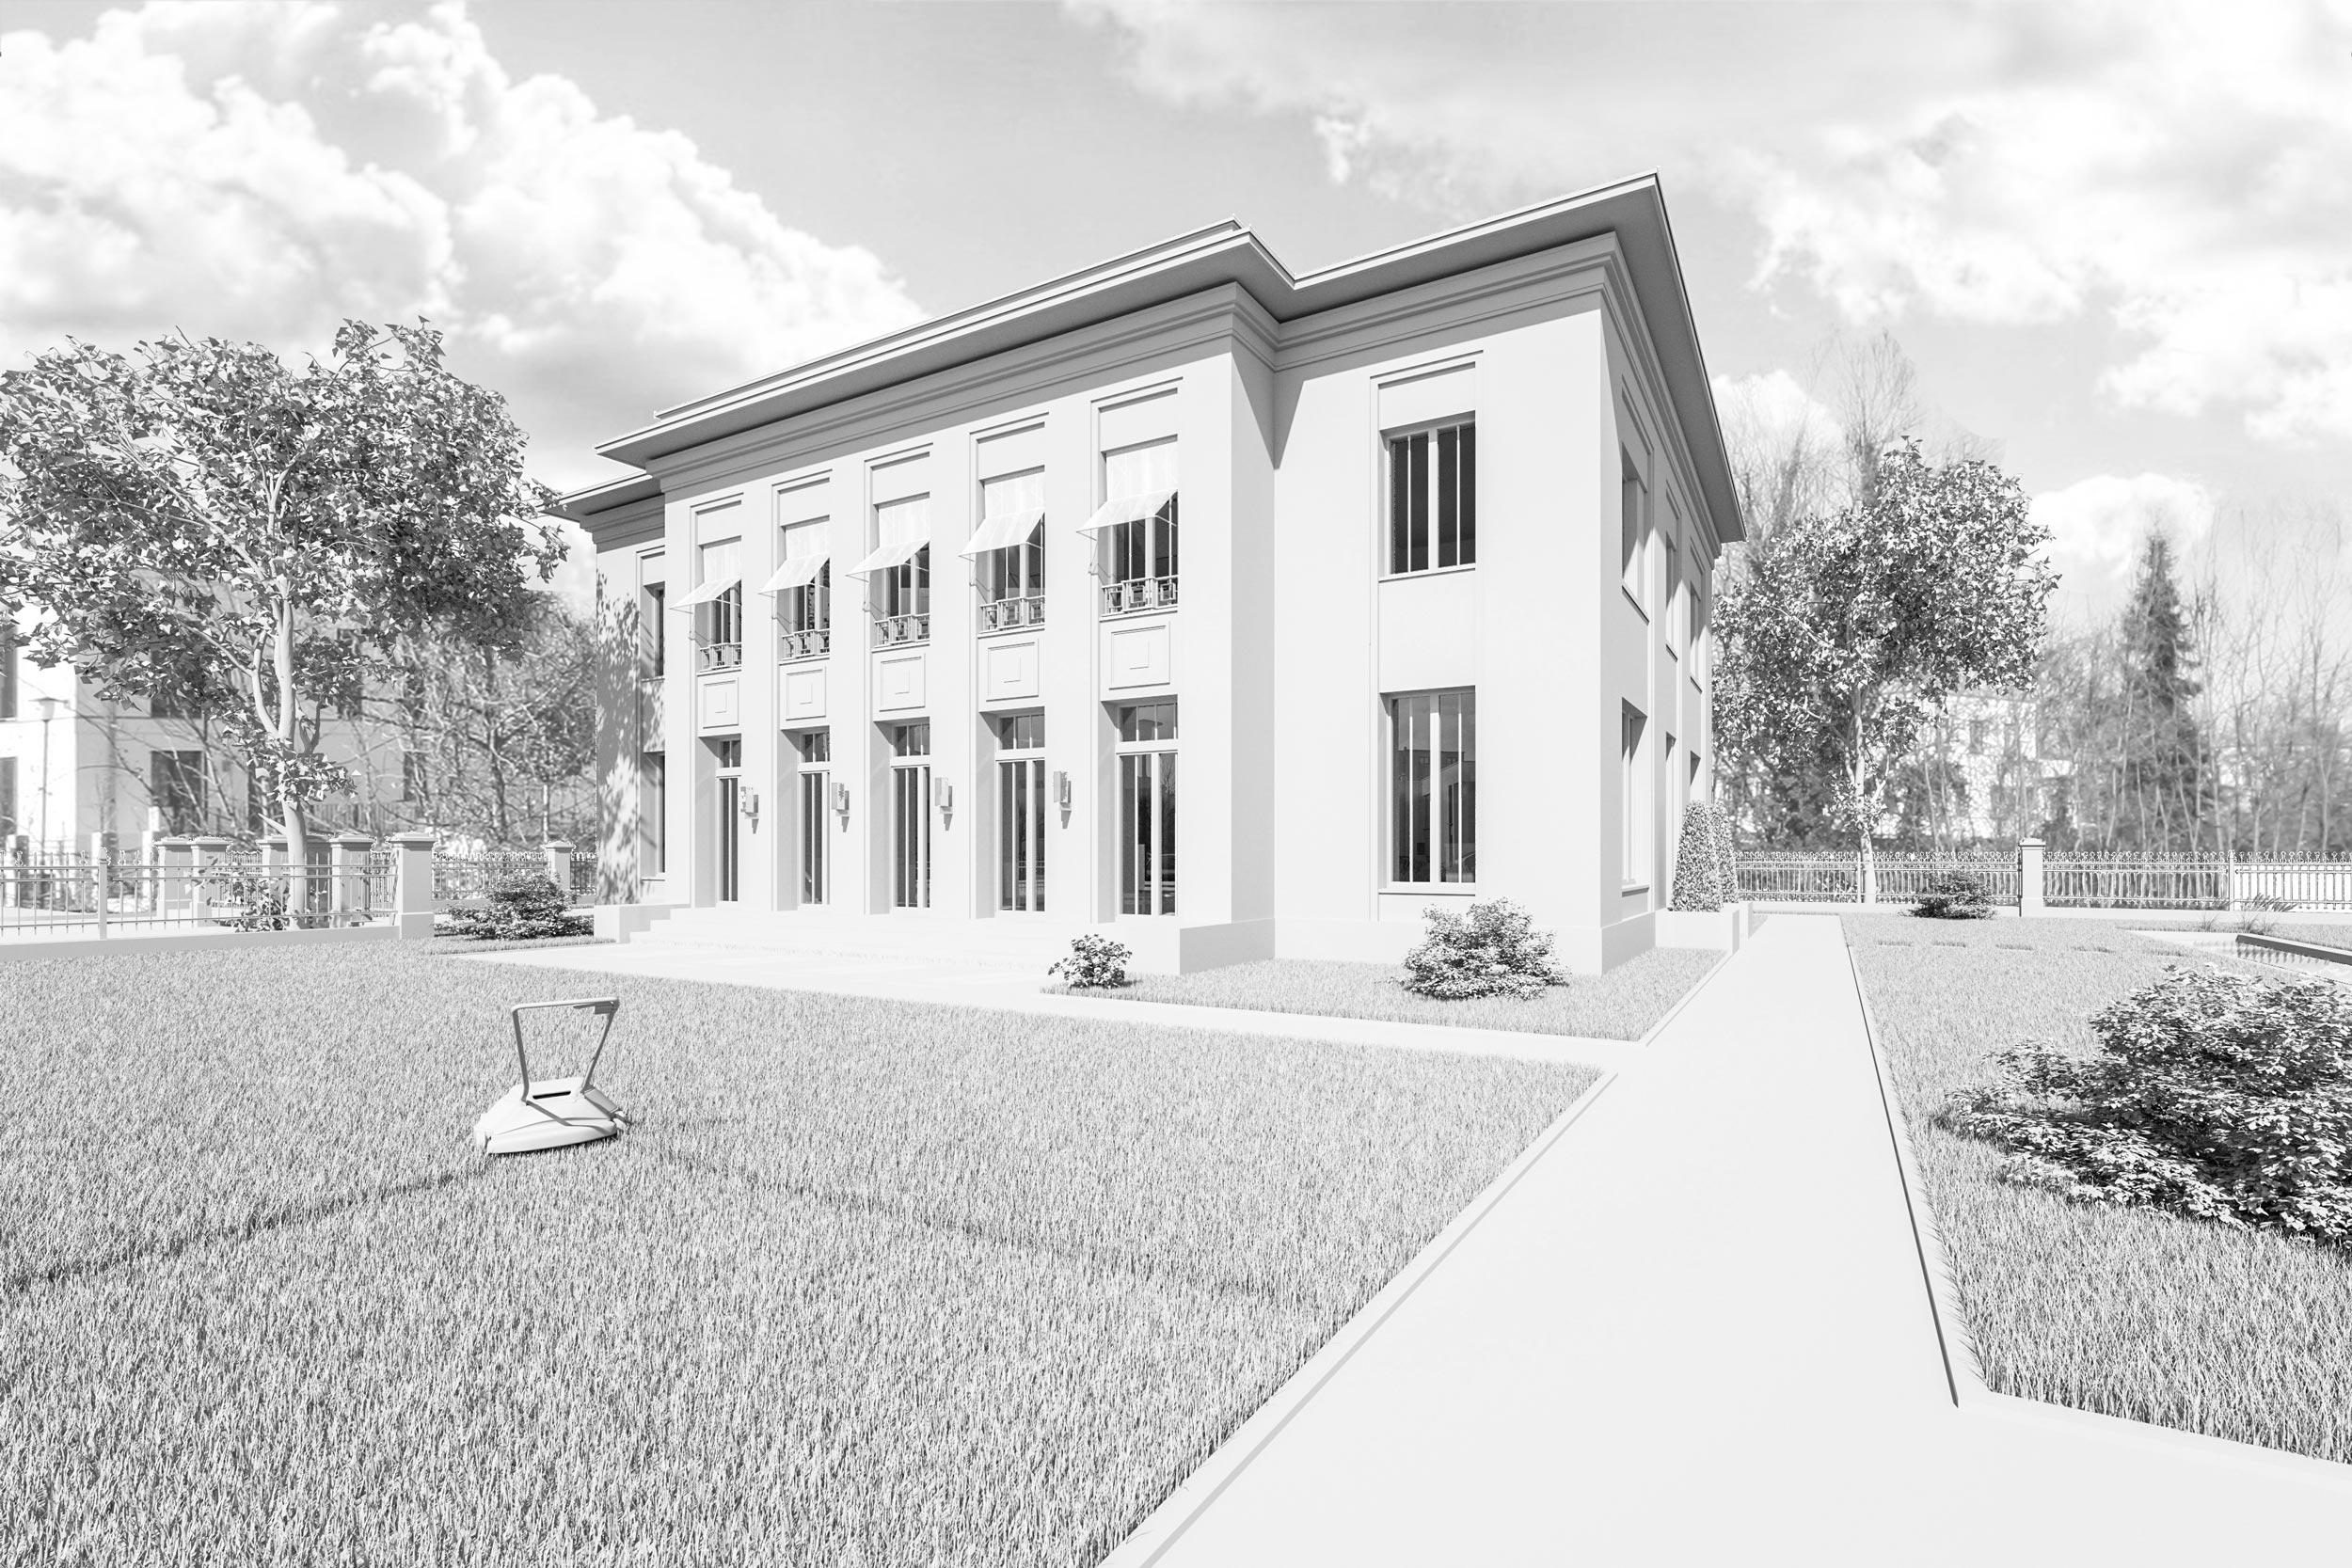 Neubau einer Landhausvilla in der Berliner Vorstadt in Potsdam - Unaufgeregt soll sich die Villa in die Nachbarschaft einordnen, andererseits aber durch die präzise gesetzten Öffnungsproportionen und eine feine Ornamentierung einen spannungsvollen Kontrast zu dieser bilden.